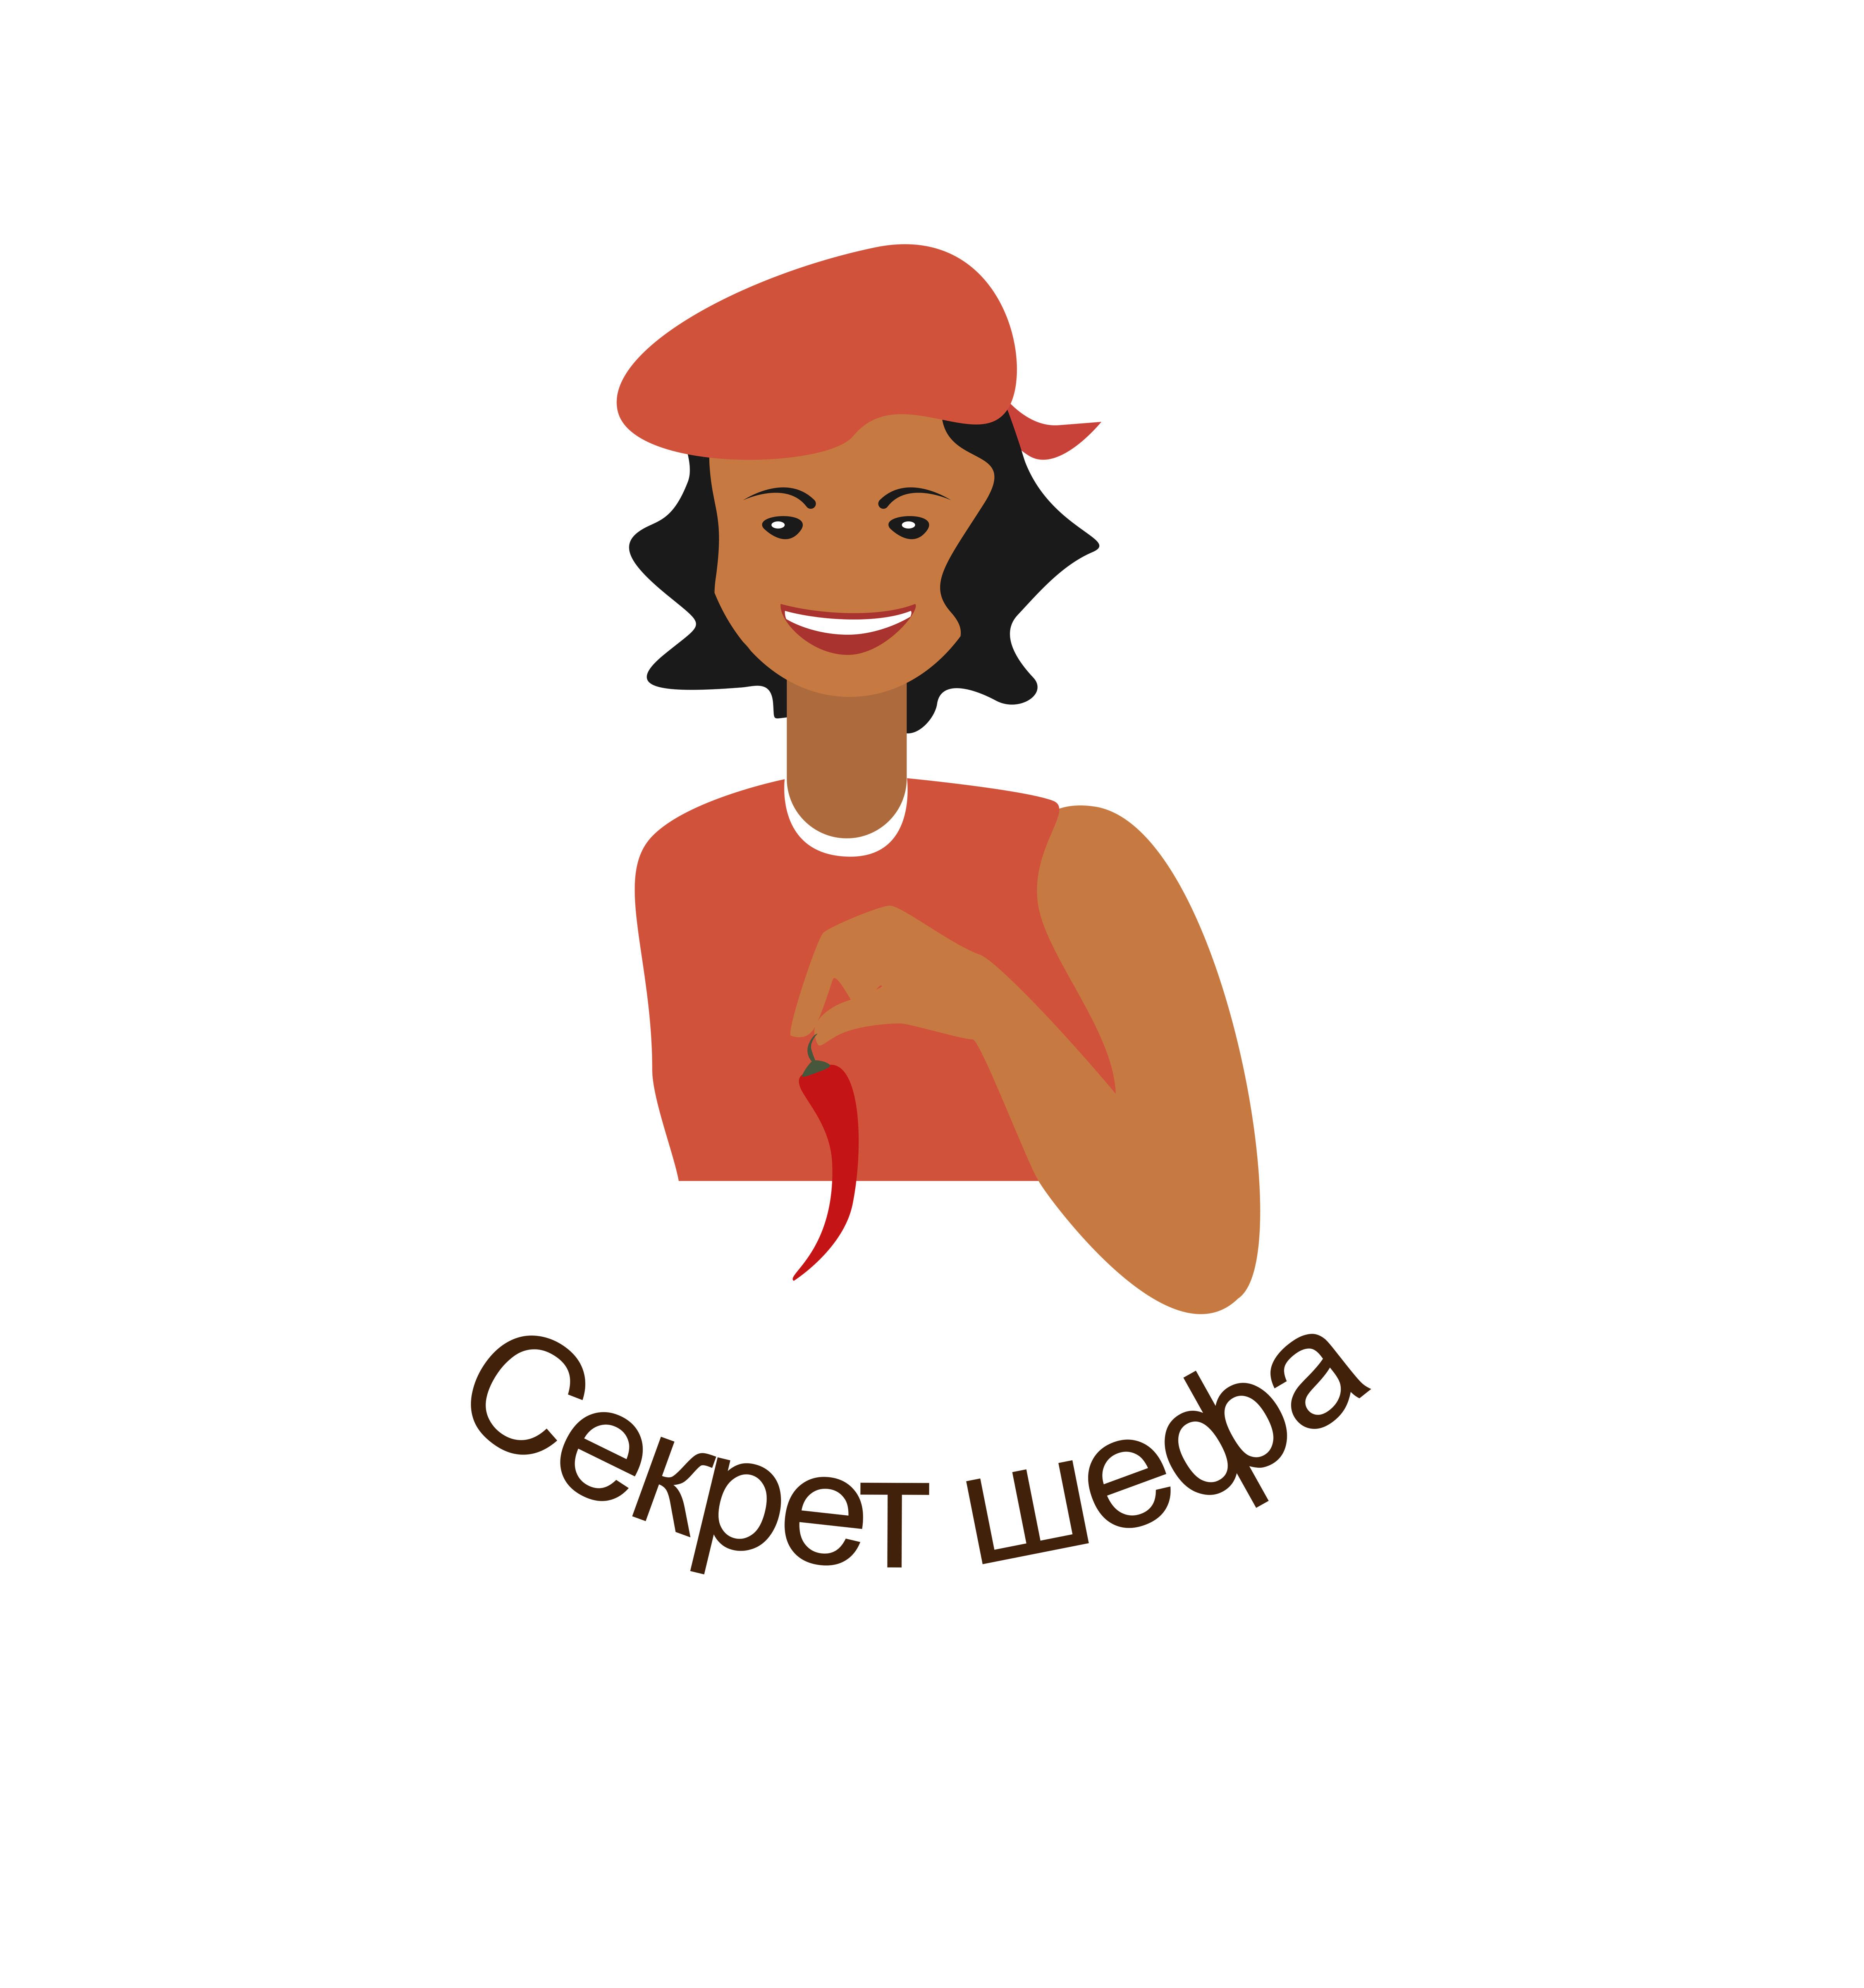 Логотип для марки специй и приправ Секрет Шефа фото f_7585f4552975e66e.jpg